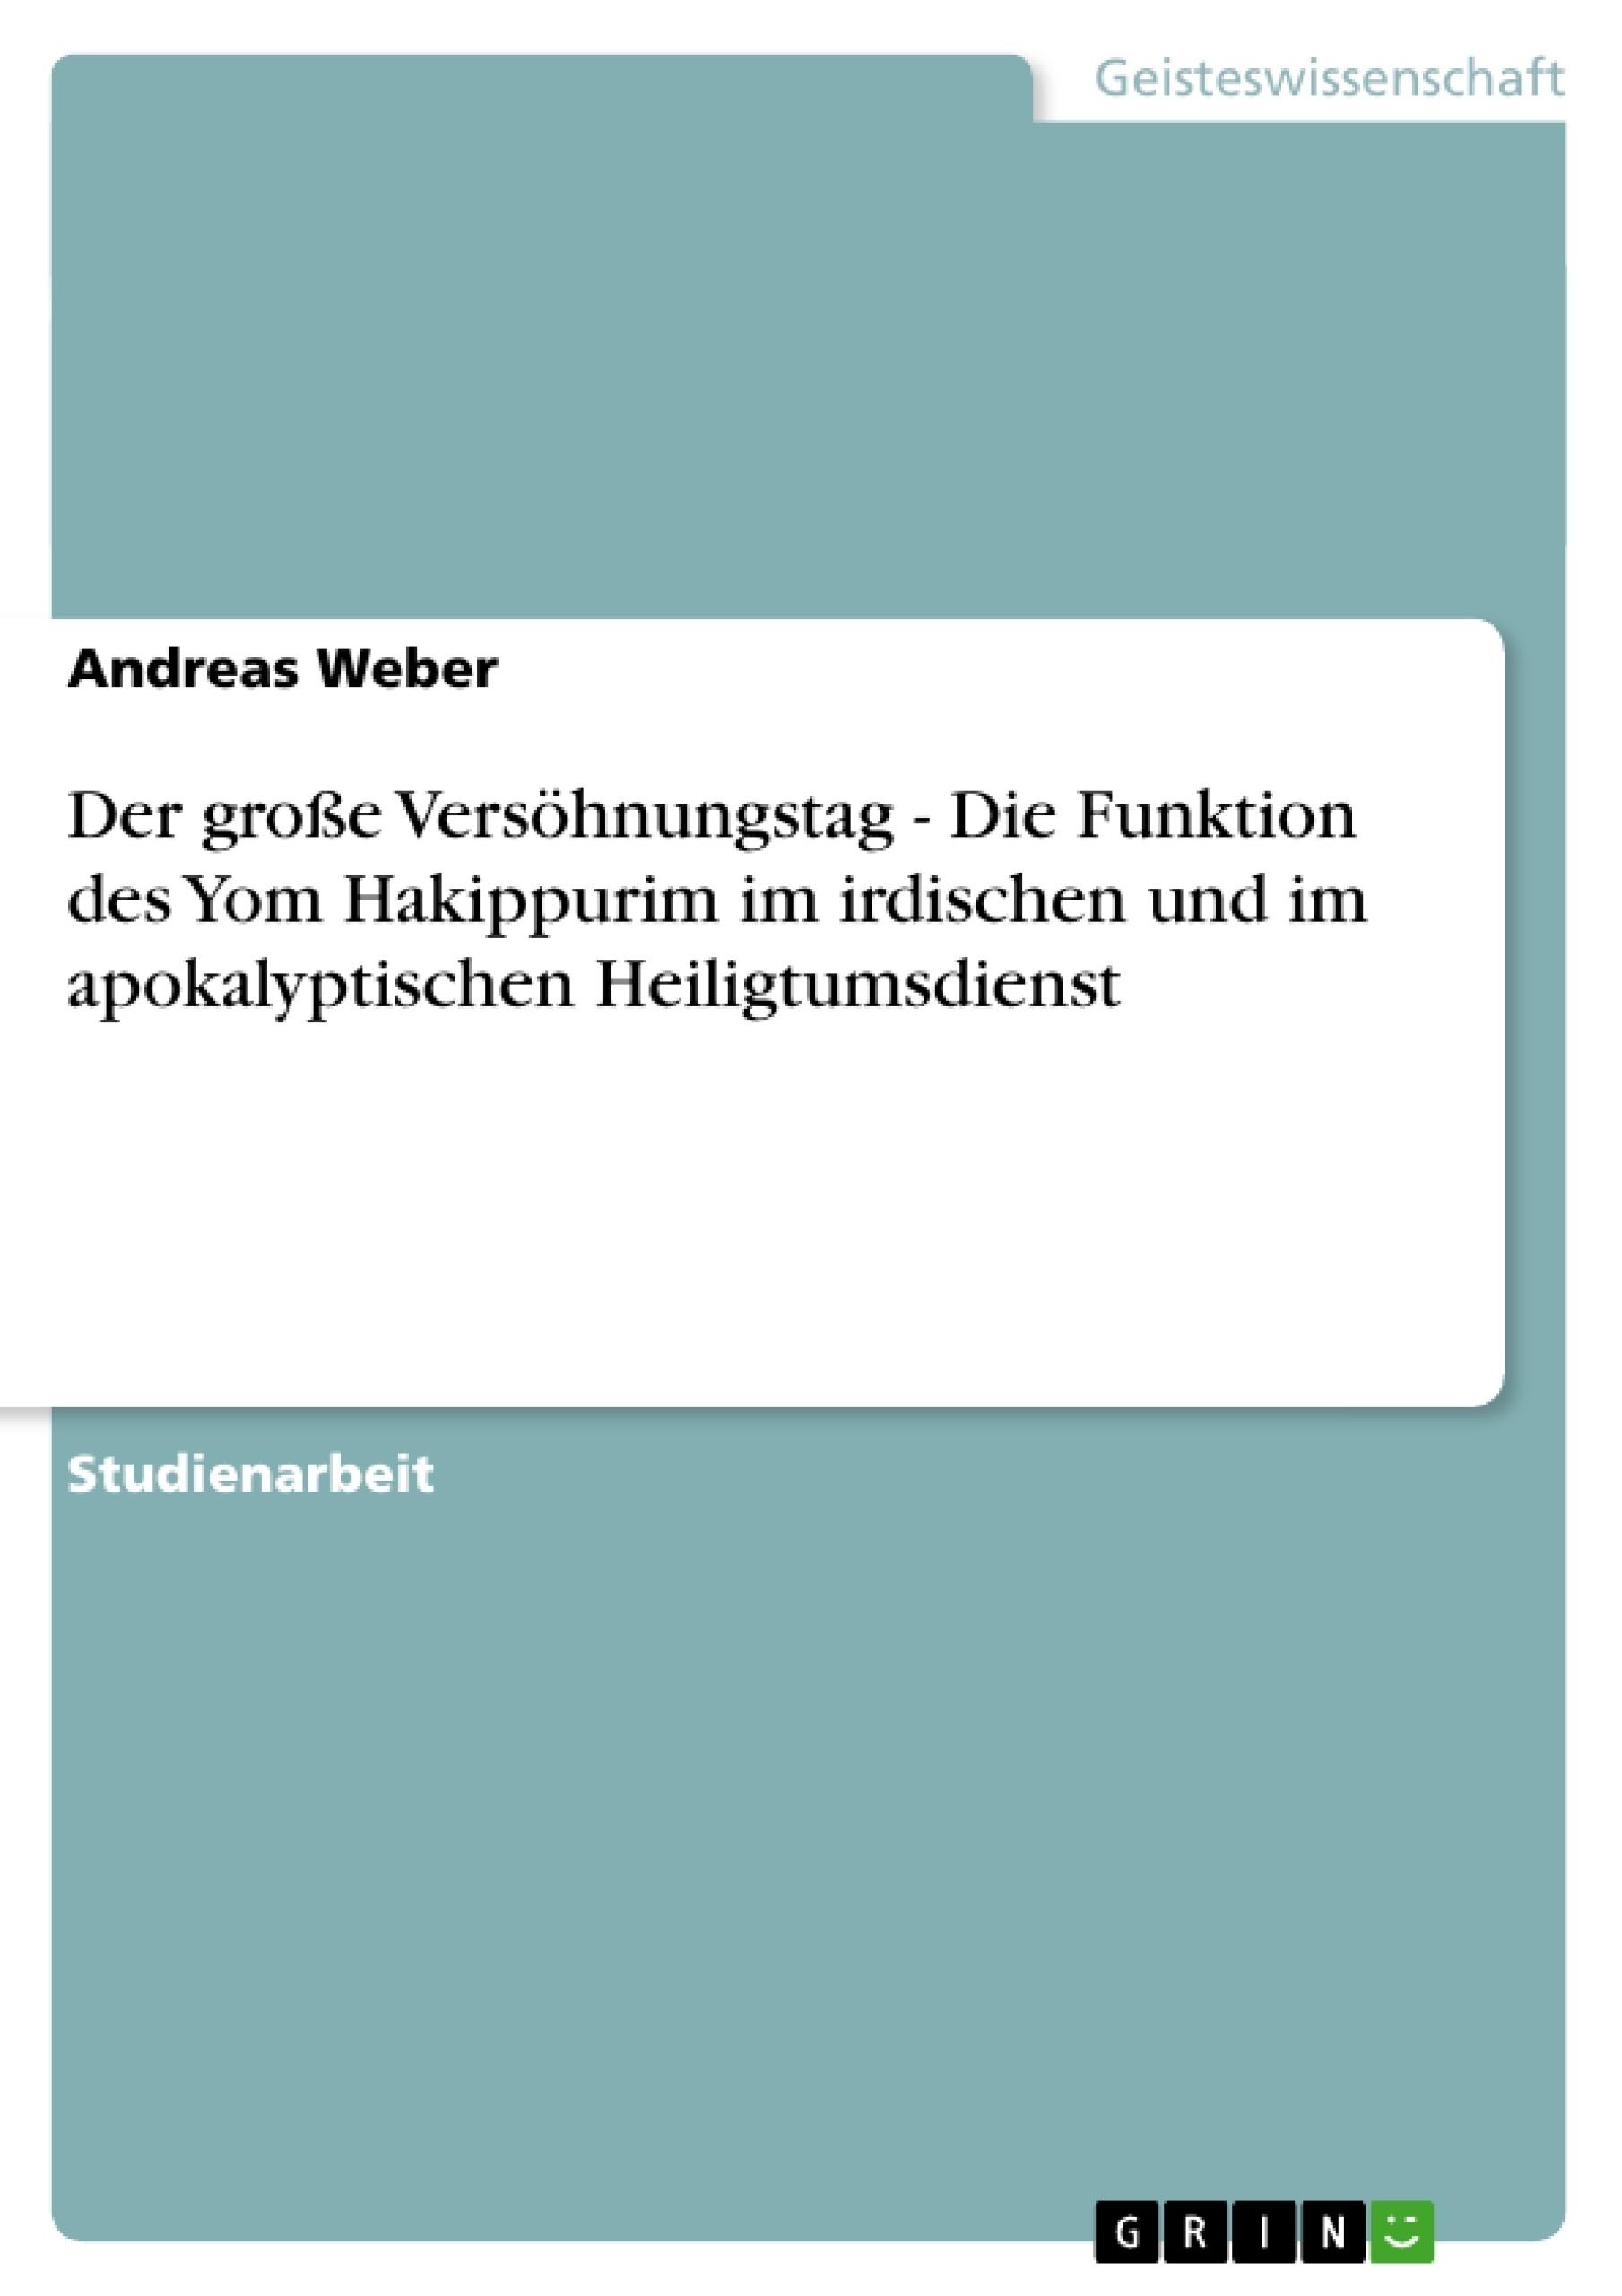 Titel: Der große Versöhnungstag - Die Funktion des Yom Hakippurim im irdischen und im apokalyptischen Heiligtumsdienst